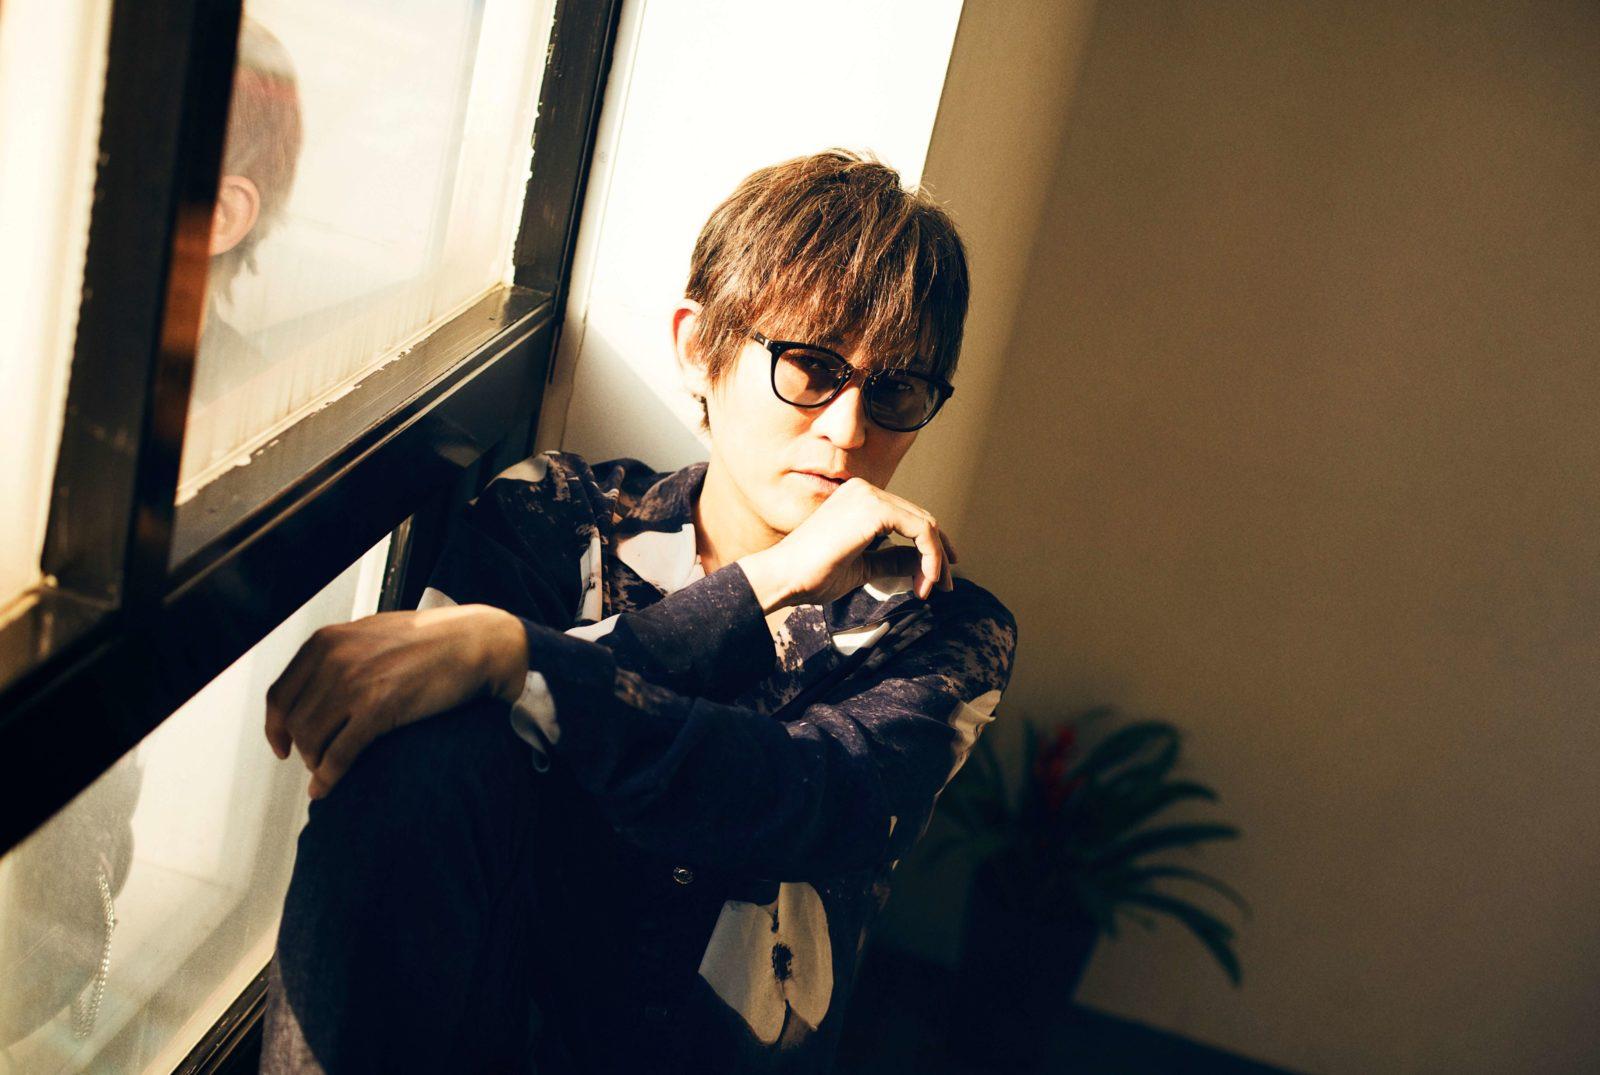 スガ シカオ 明日のデビュー記念日に、LINE LIVEで即興ライブ生配信決定サムネイル画像